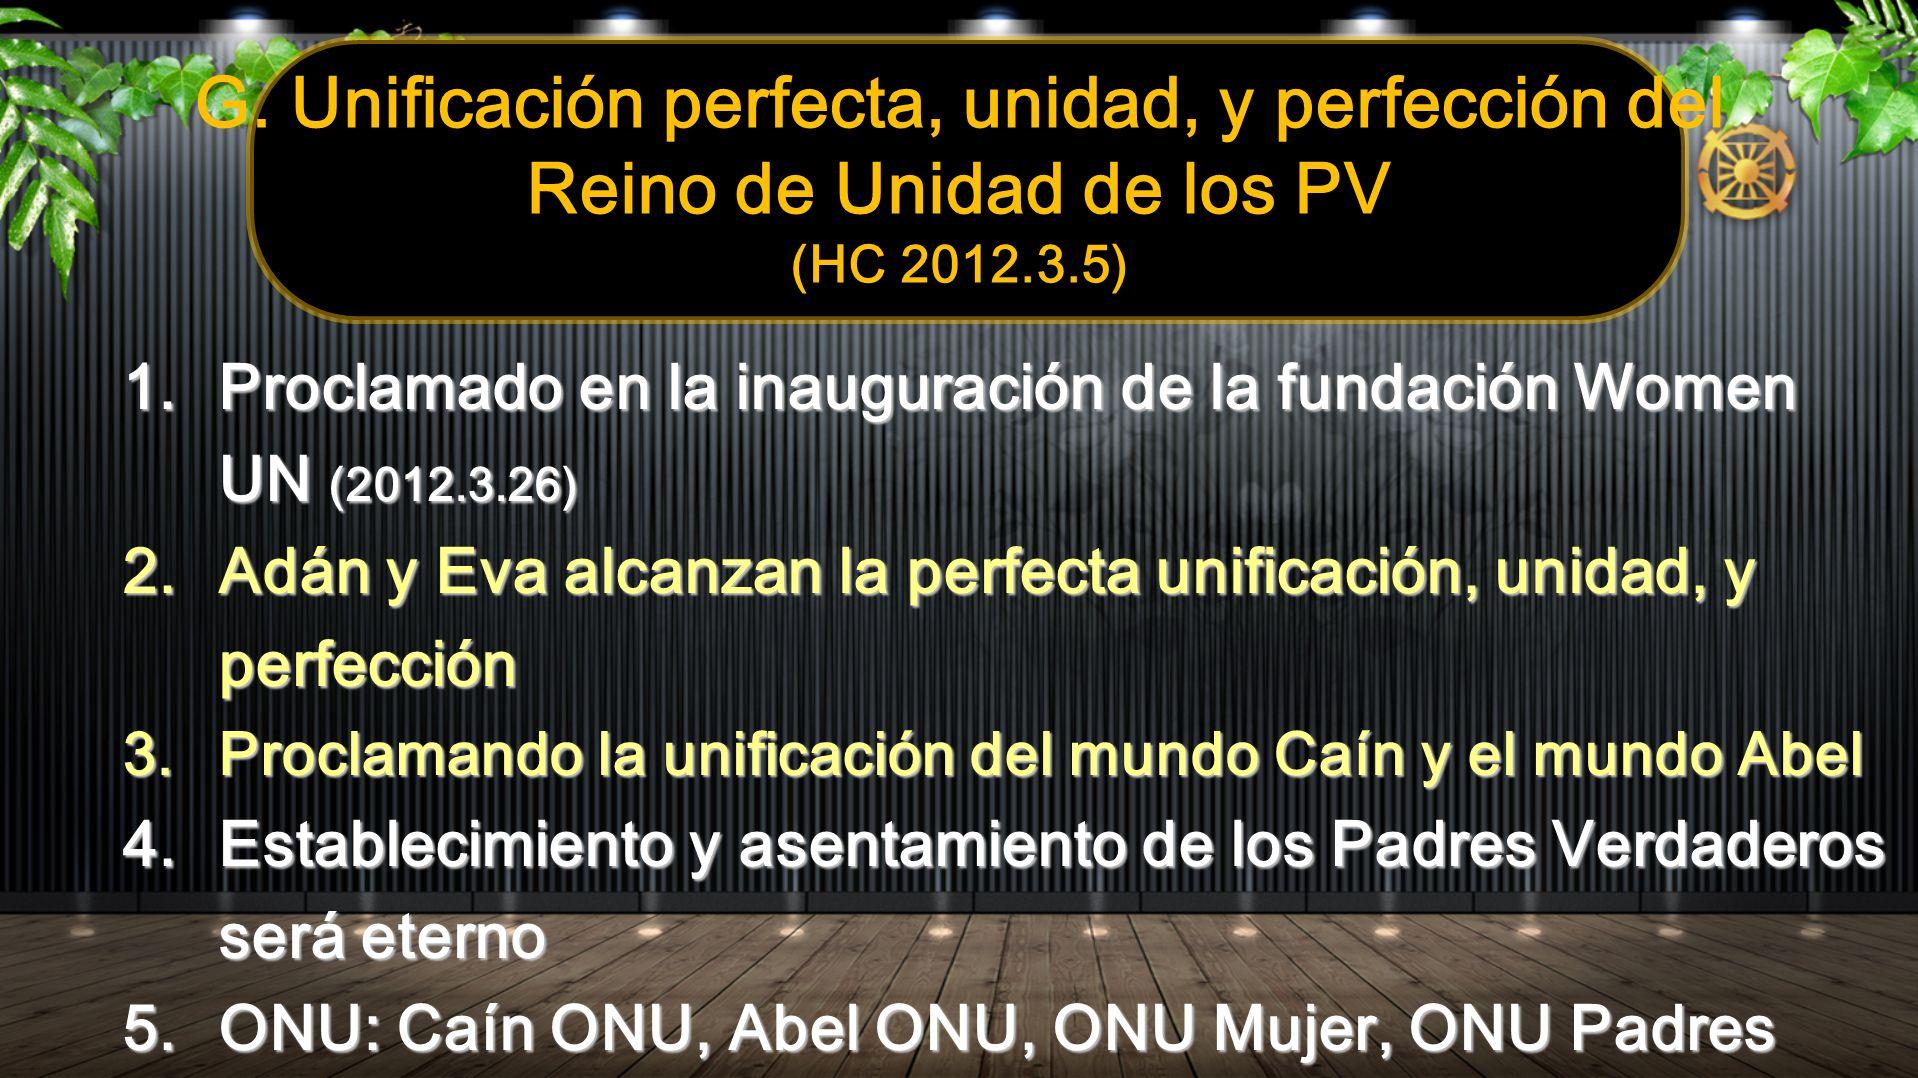 G. Unificación perfecta, unidad, y perfección del Reino de Unidad de los PV (HC 2012.3.5) 1.Proclamado en la inauguración de la fundación Women UN (20